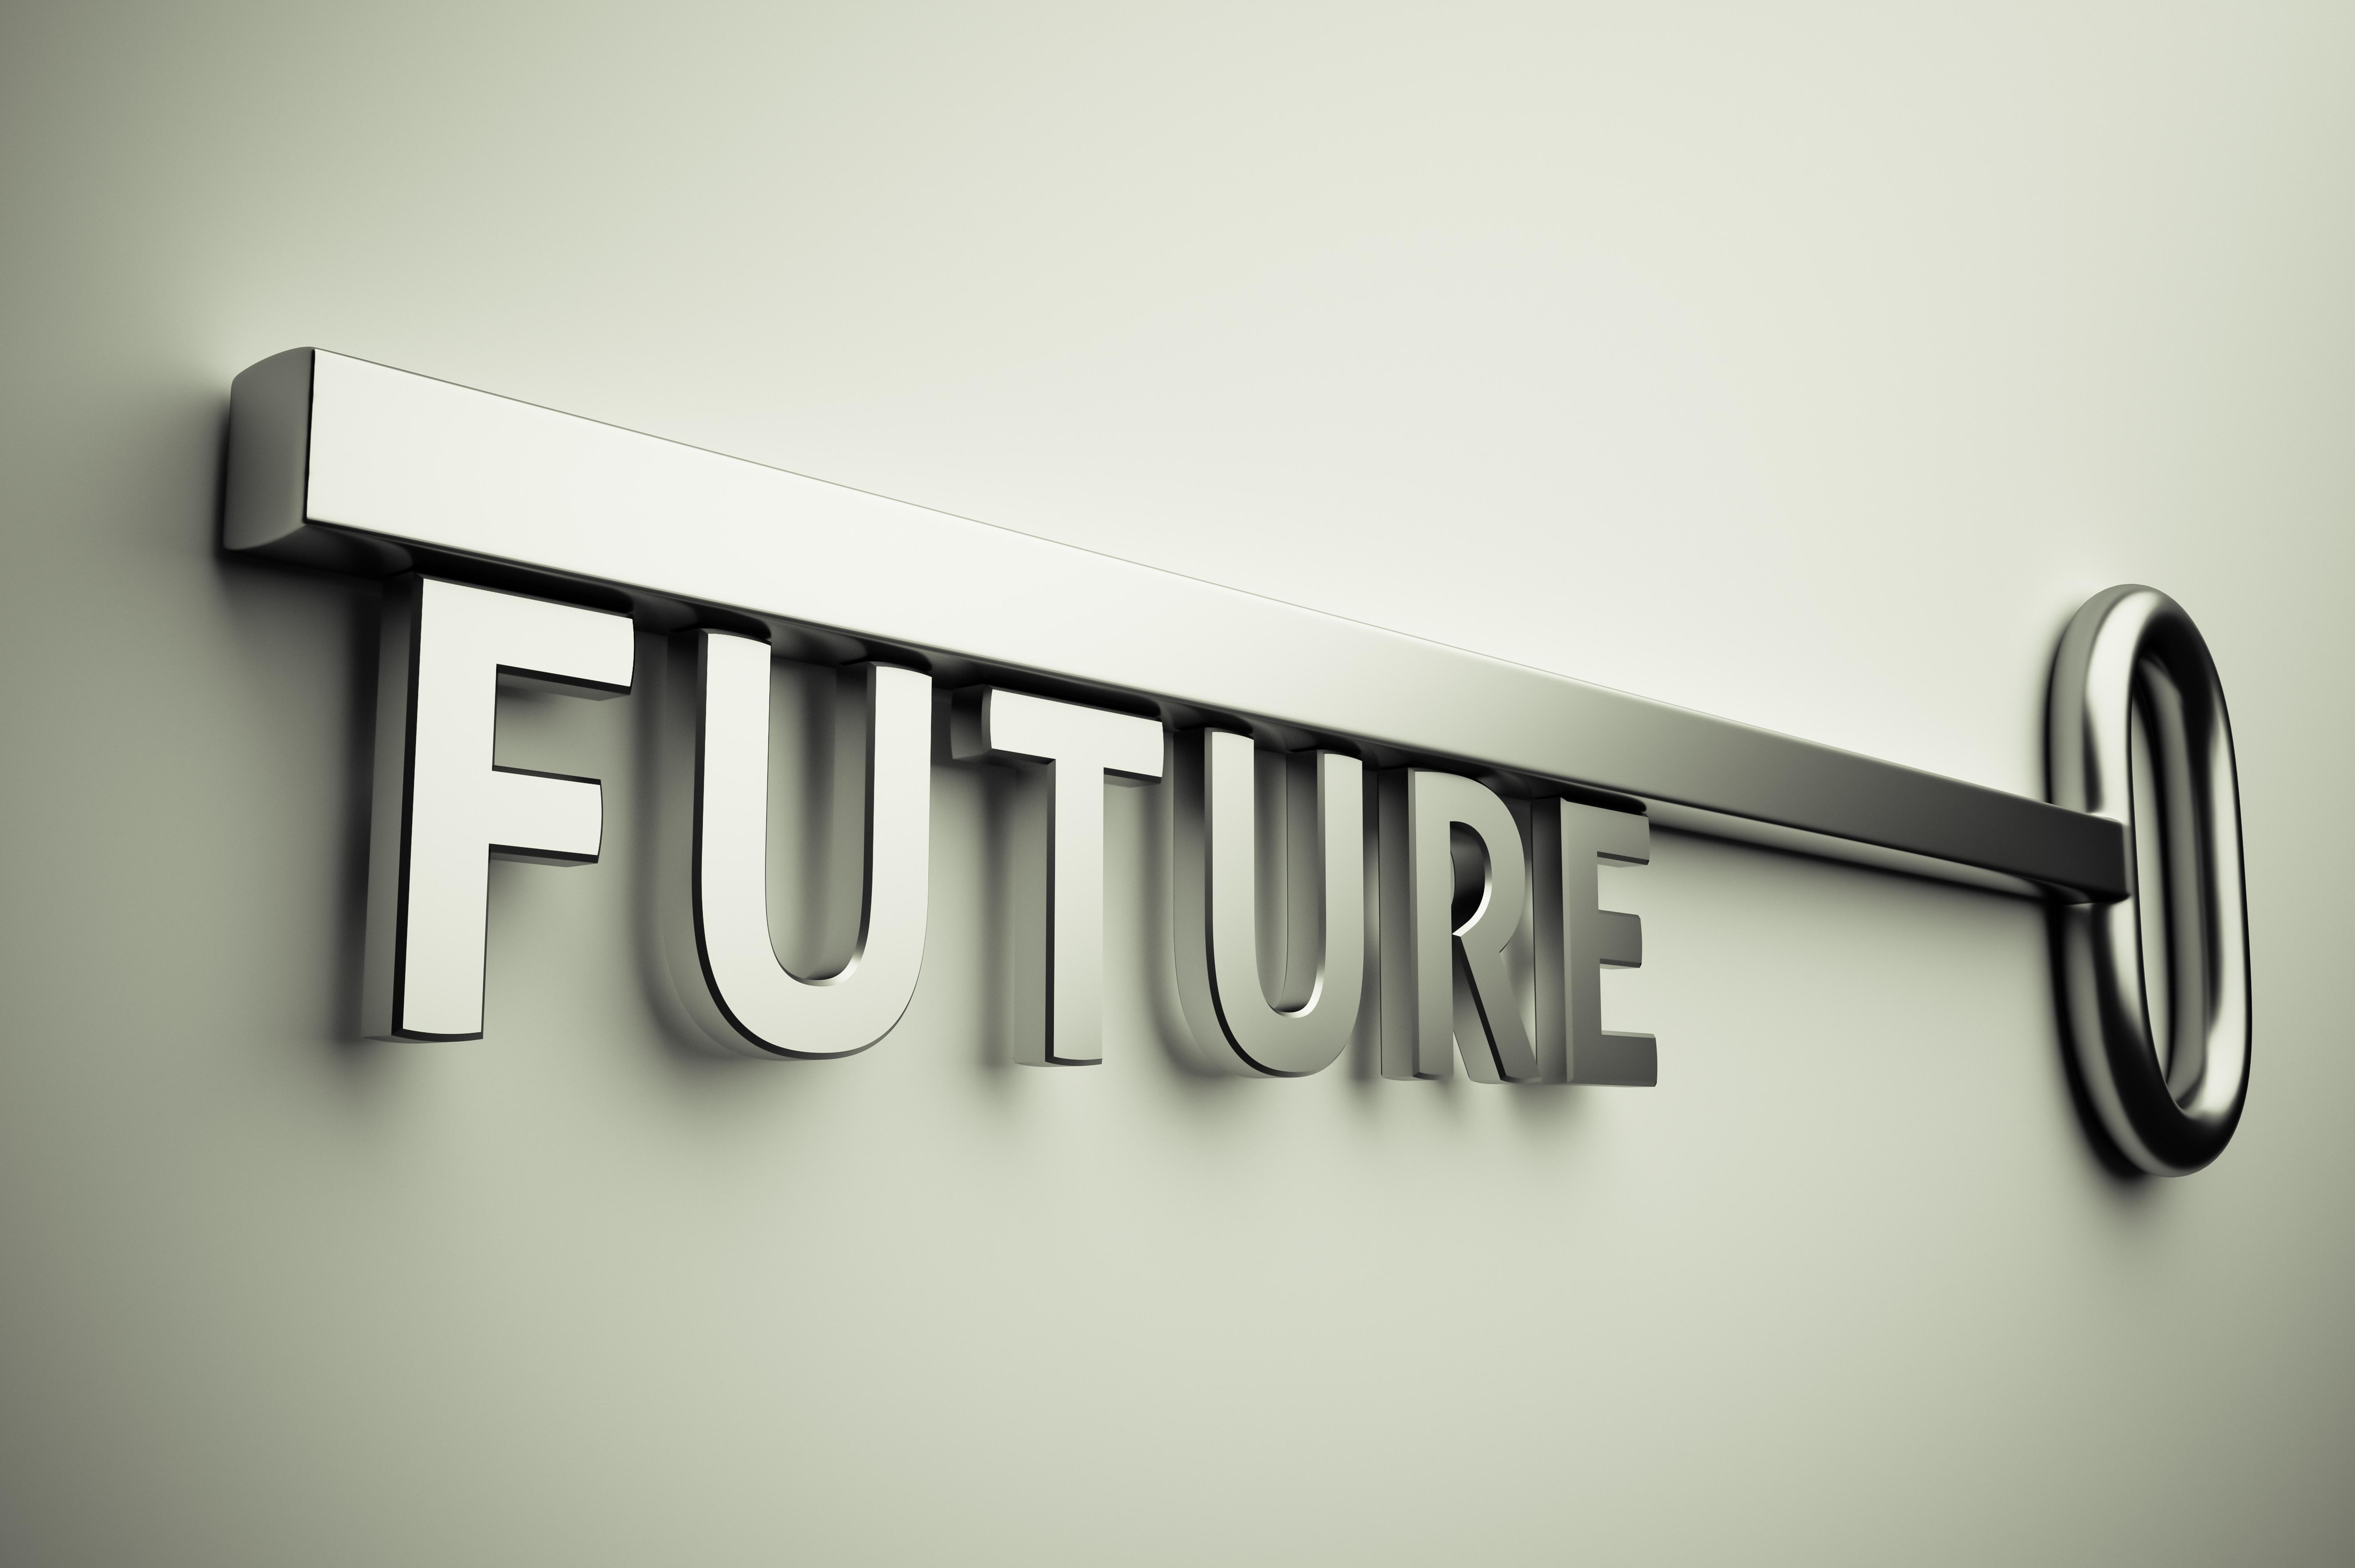 L'avenir pour les pompes et robinets